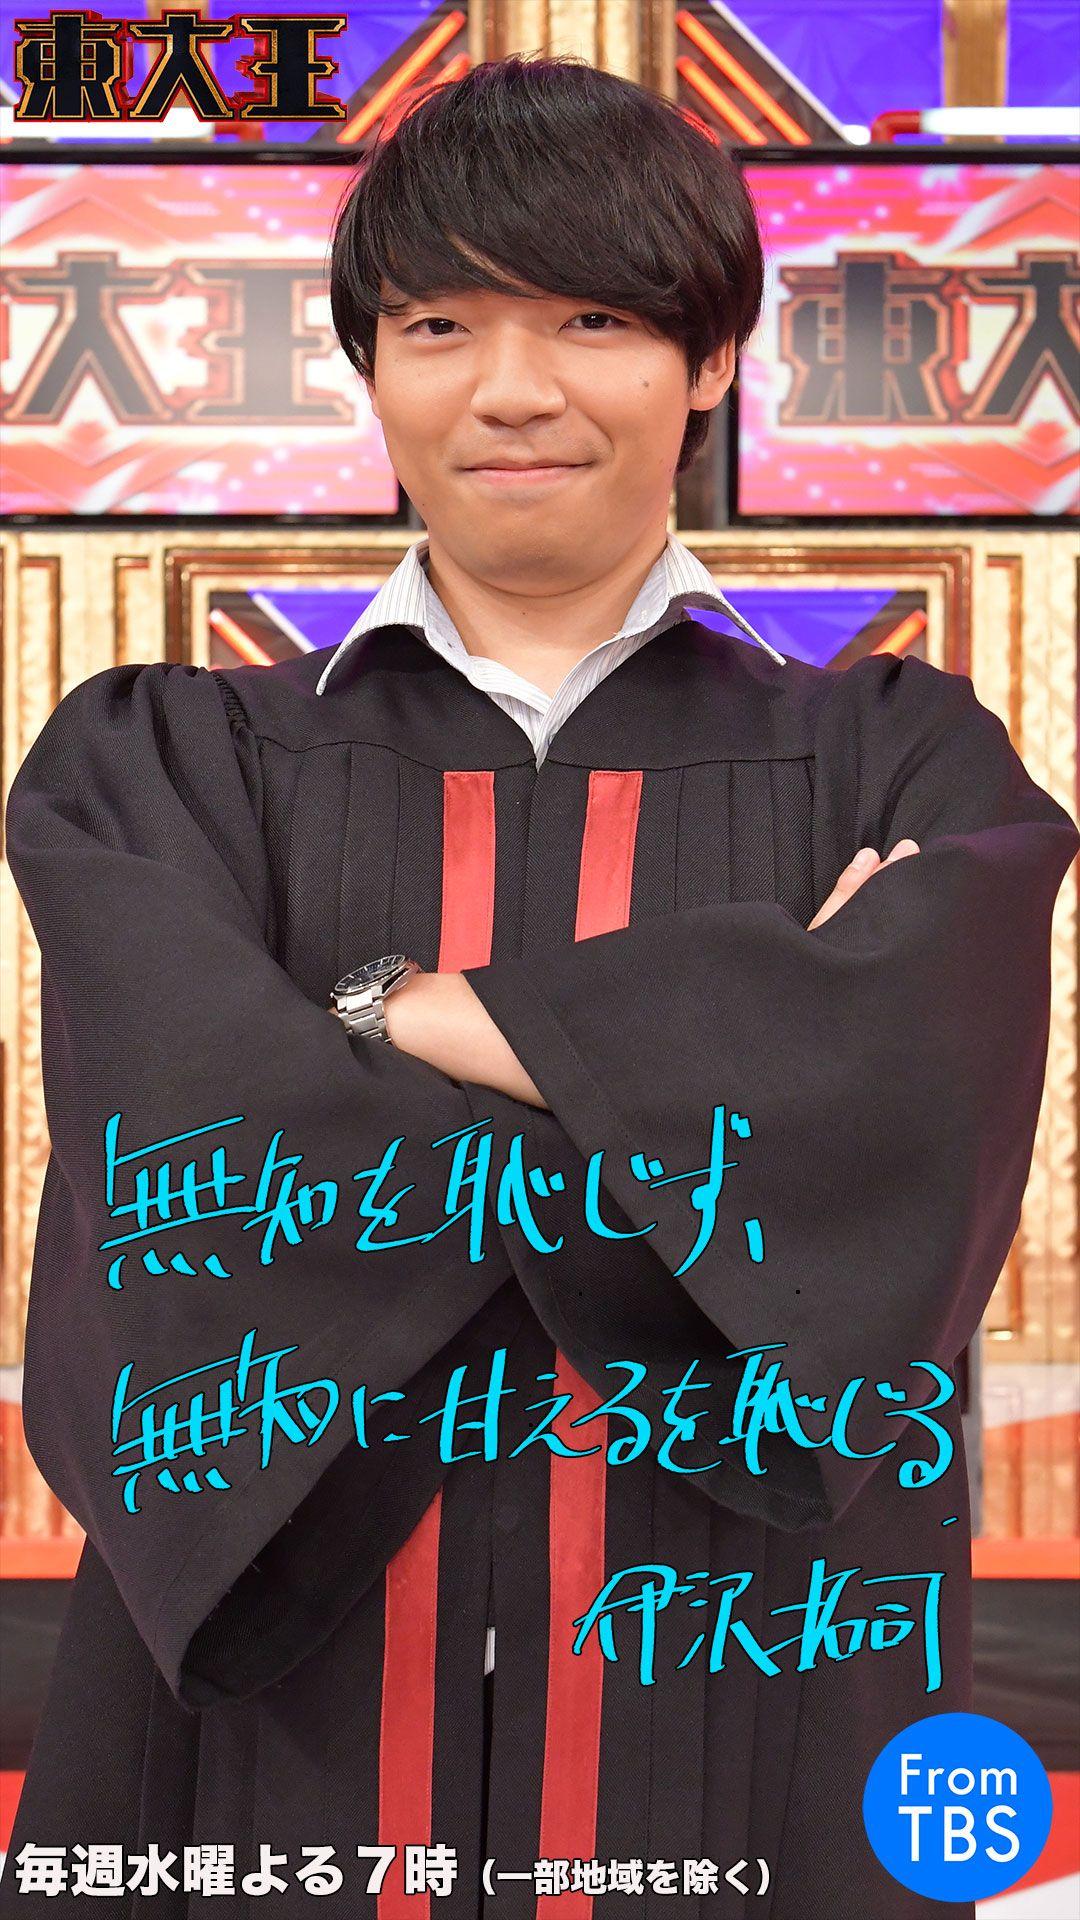 かっこいい 伊沢拓司